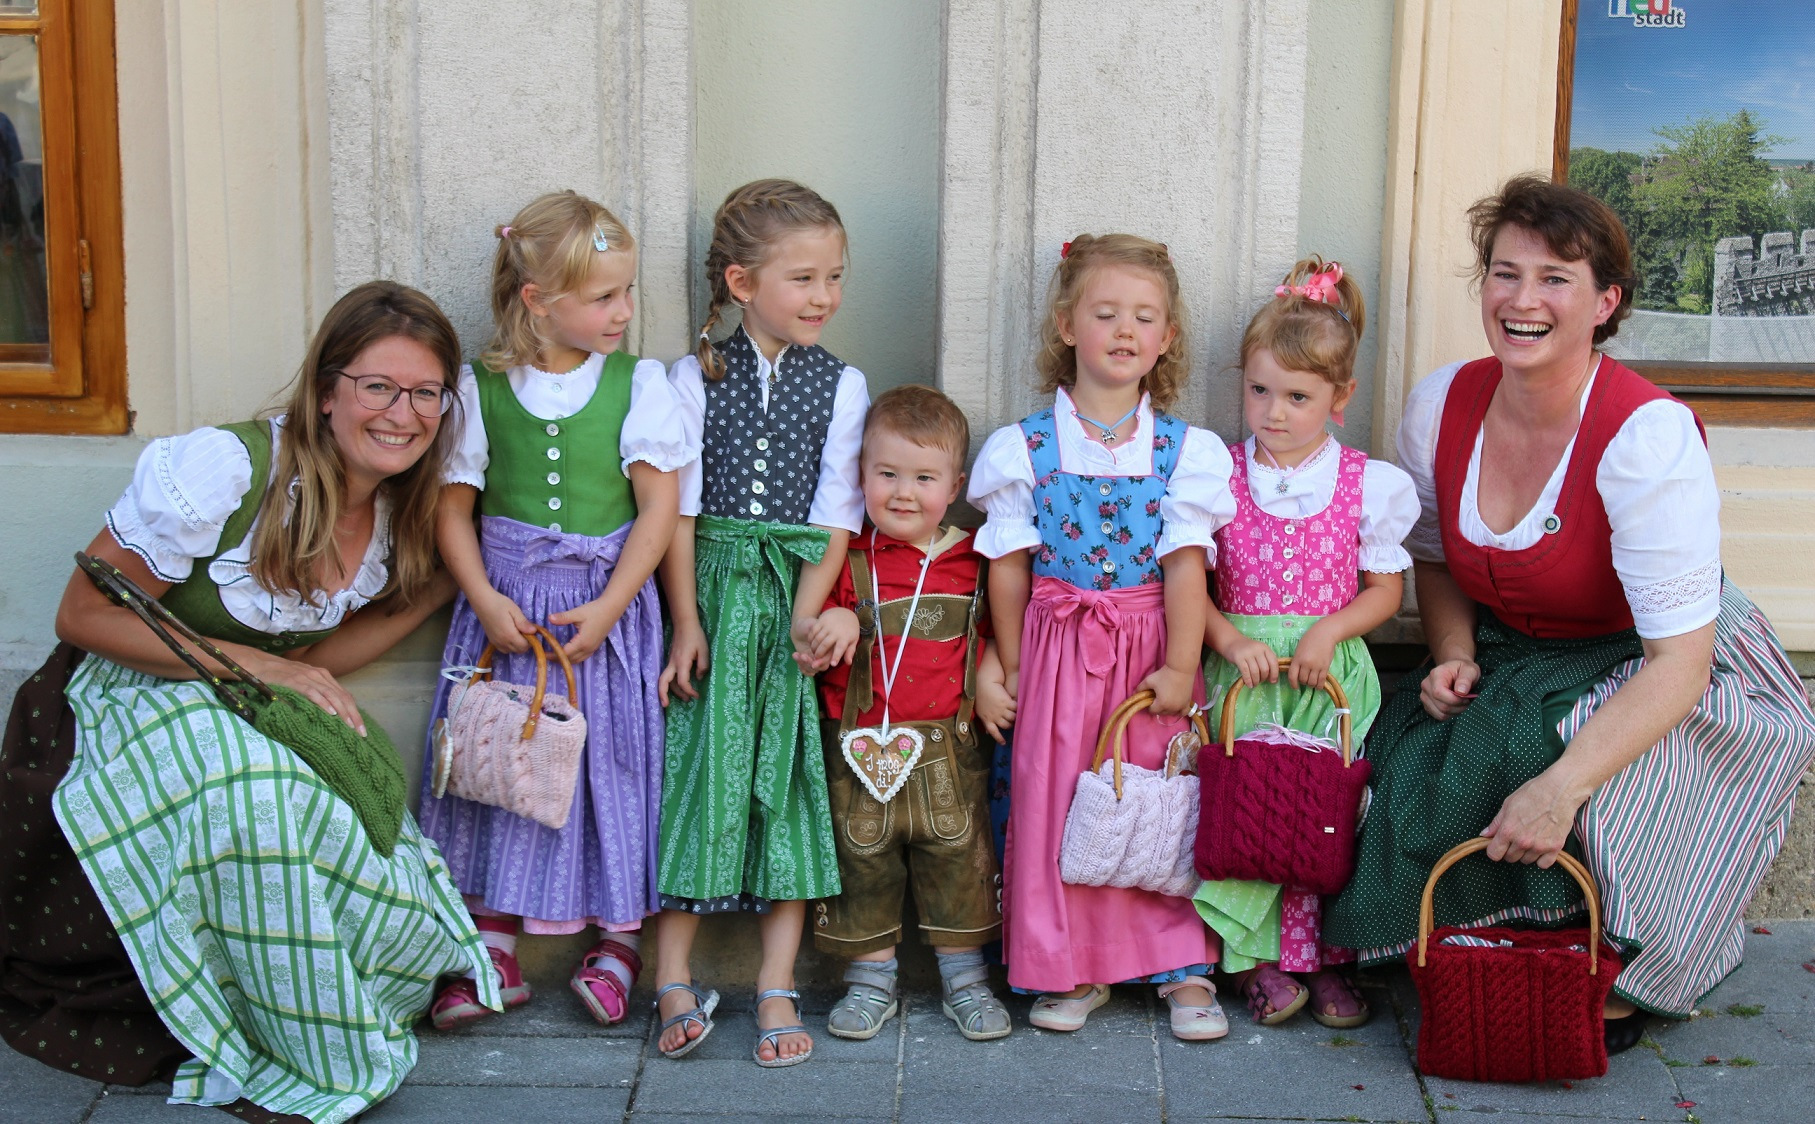 Kindertracht aus der Rosengasse 14 beim Rathaus Wiener Neustadt